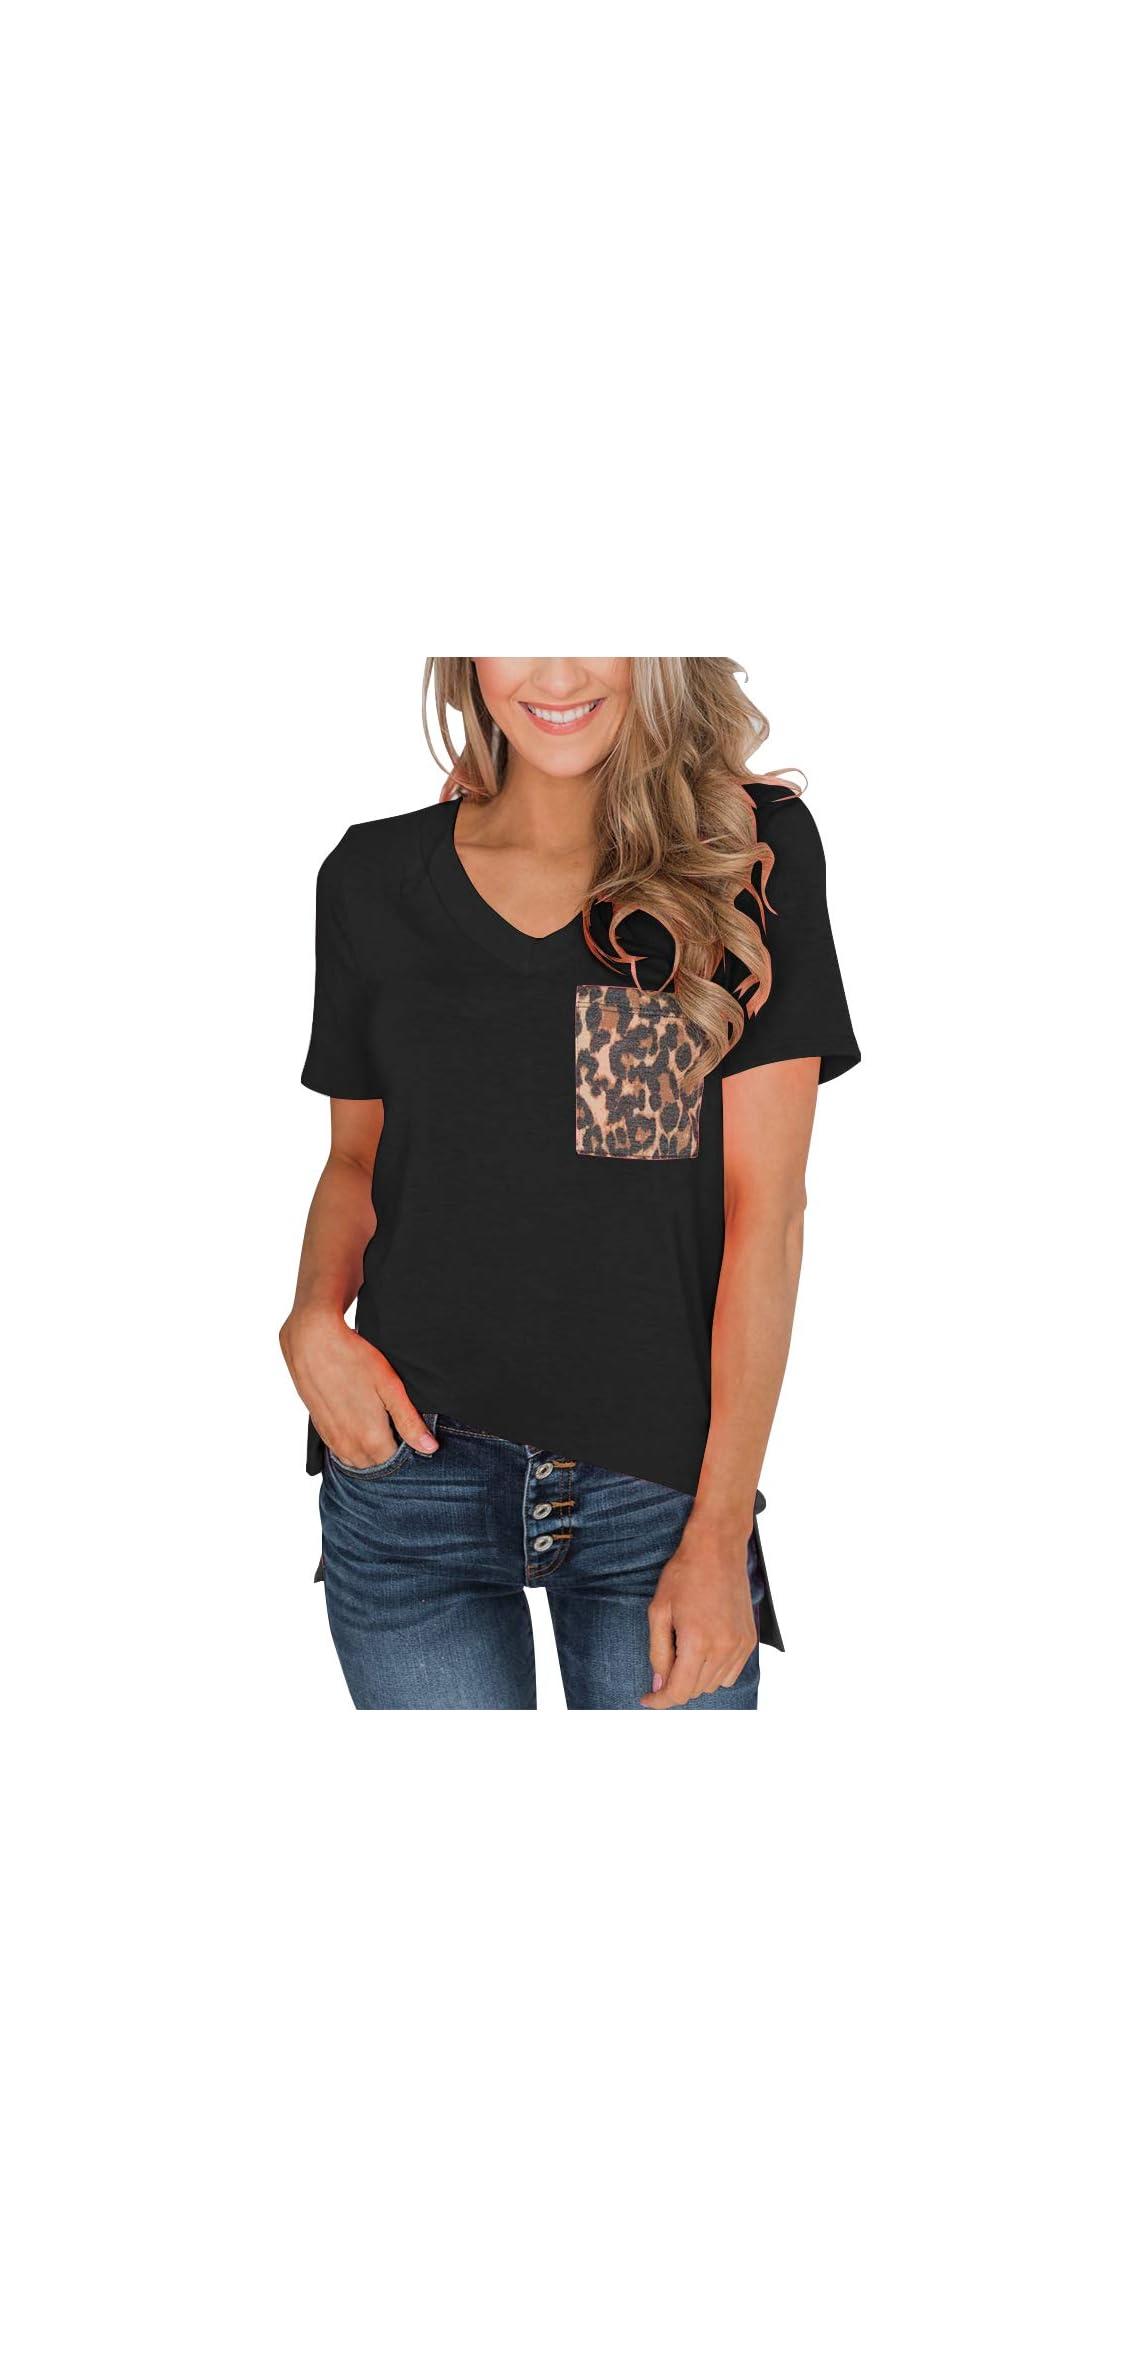 Women's Leopard Pocket Summer Tops Short Sleeves V T